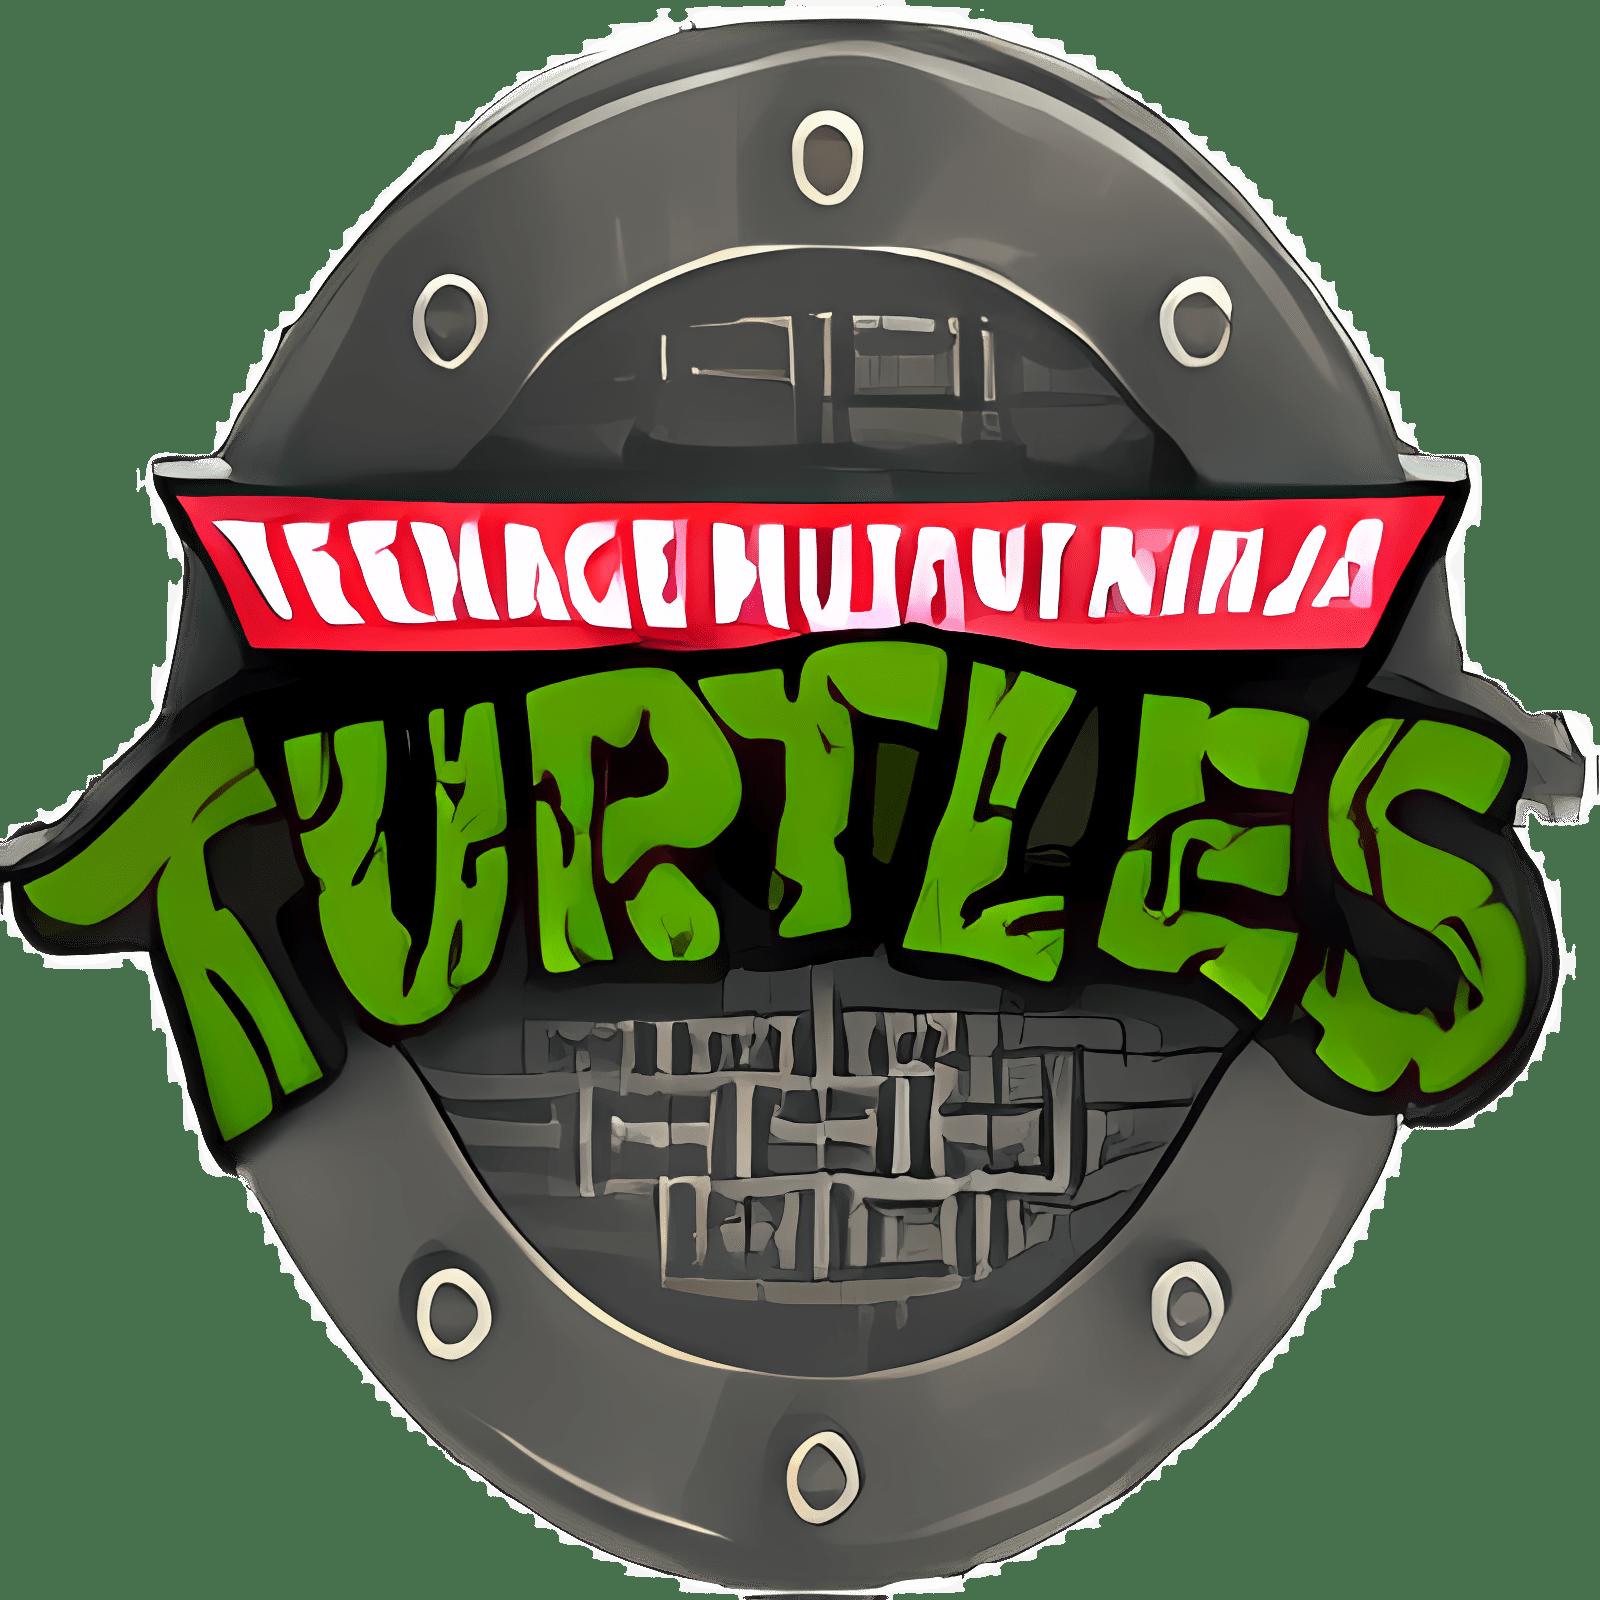 Tema de las Tortugas Ninja